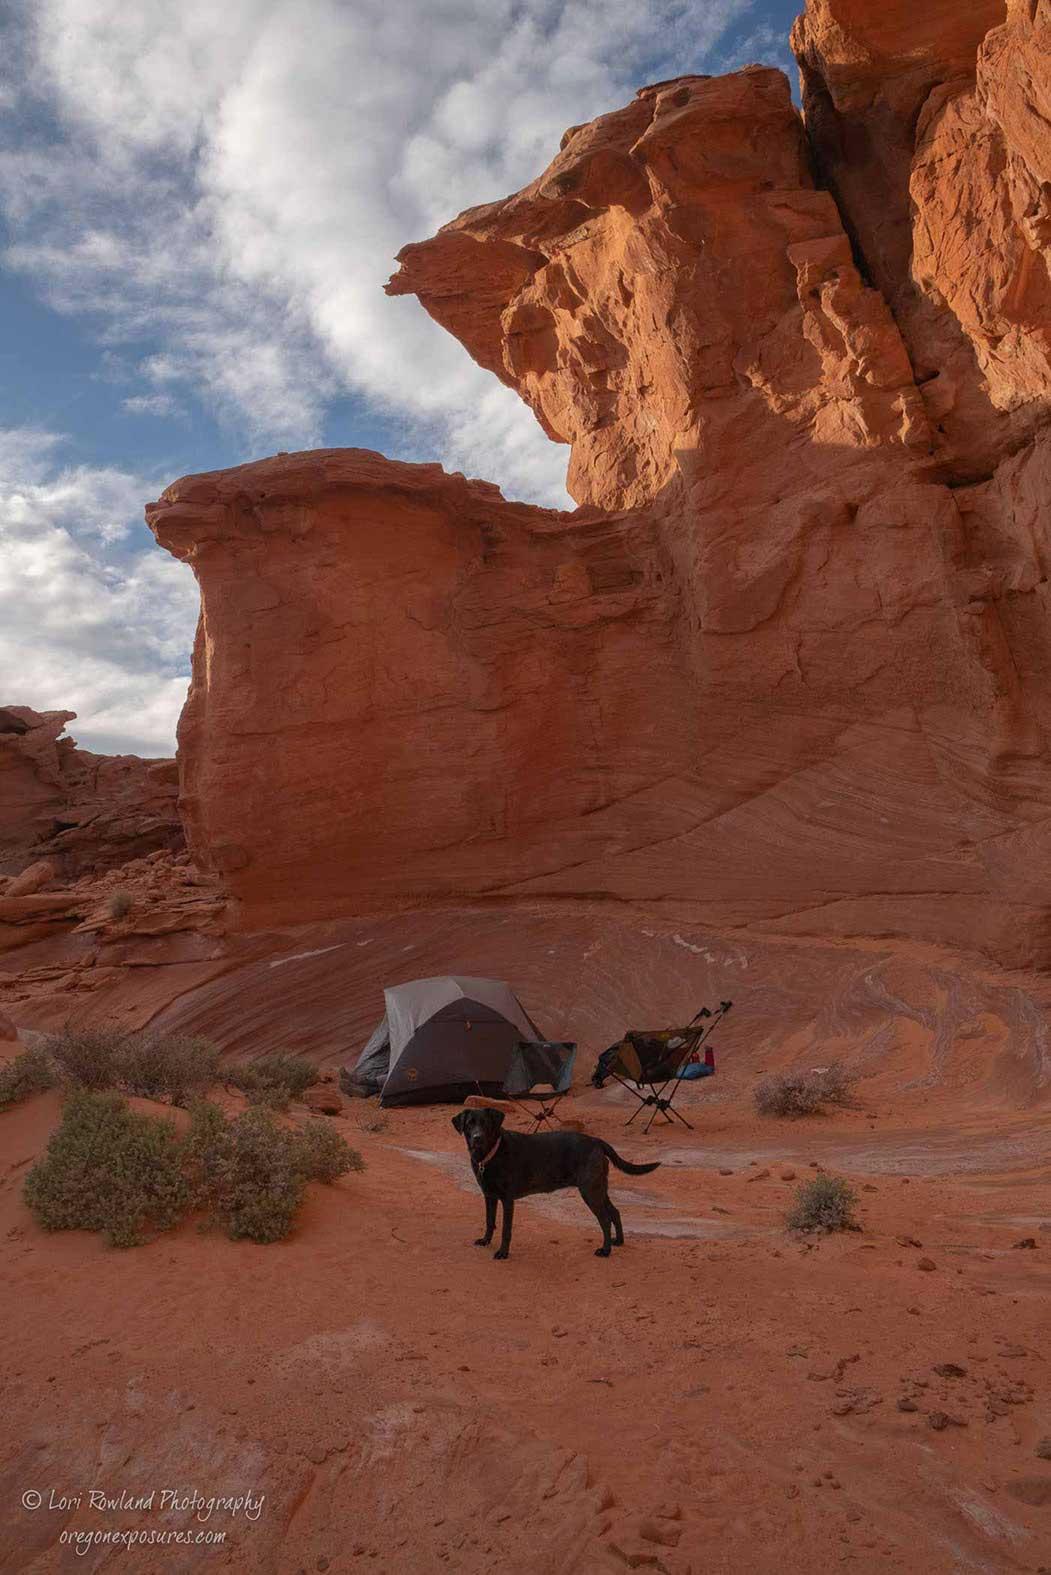 Dog at Camp